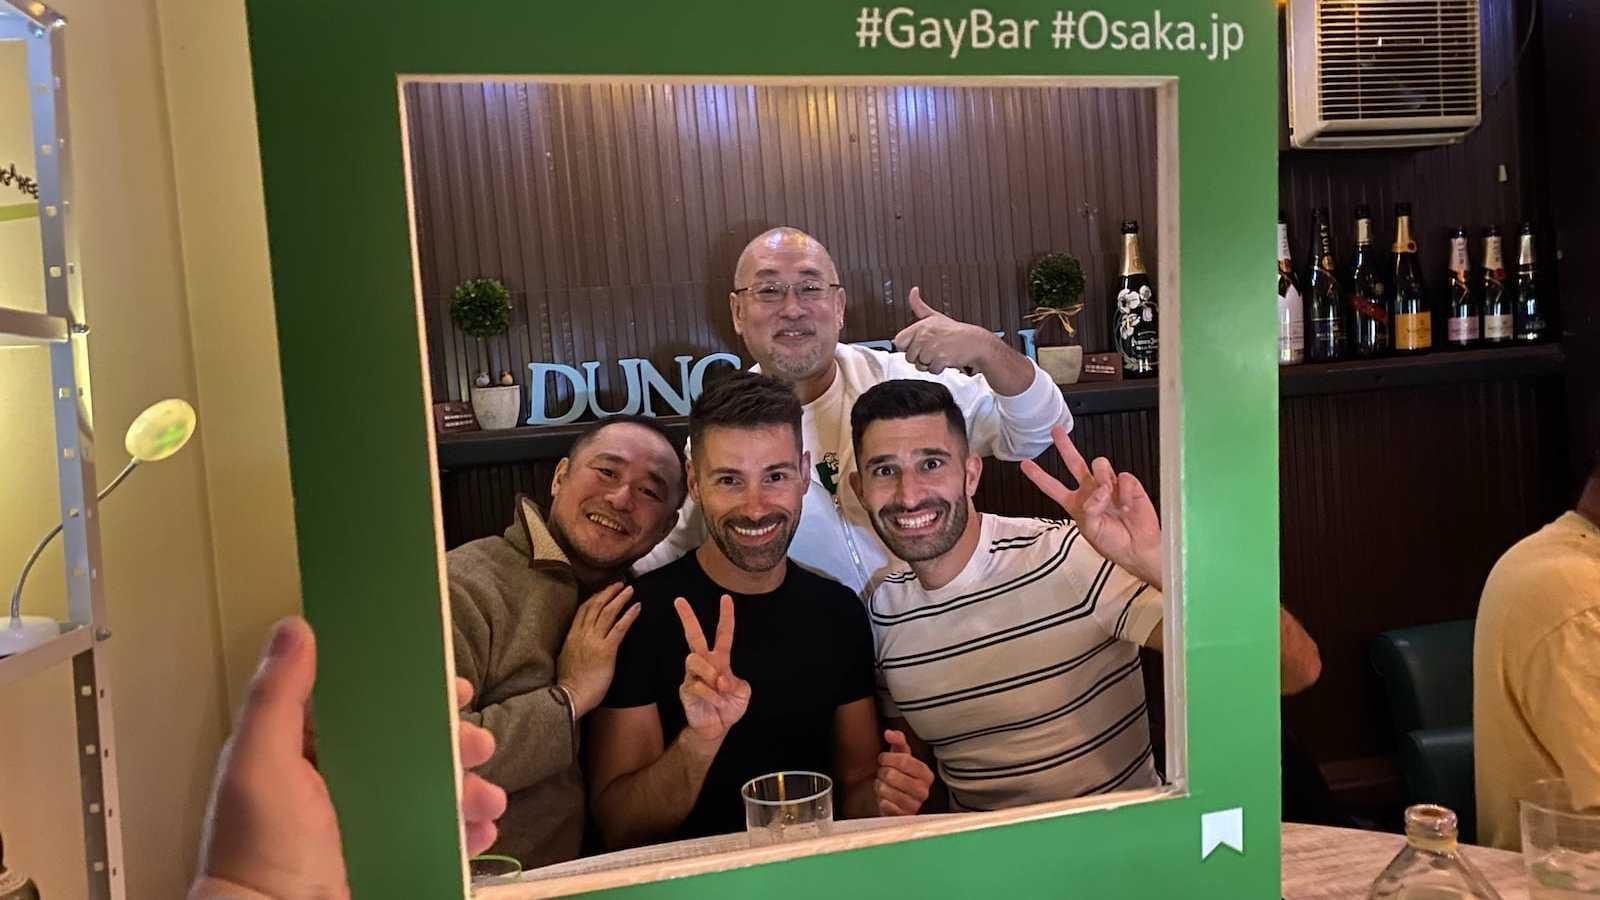 Adoramos explorar os divertidos bares gays de Osaka